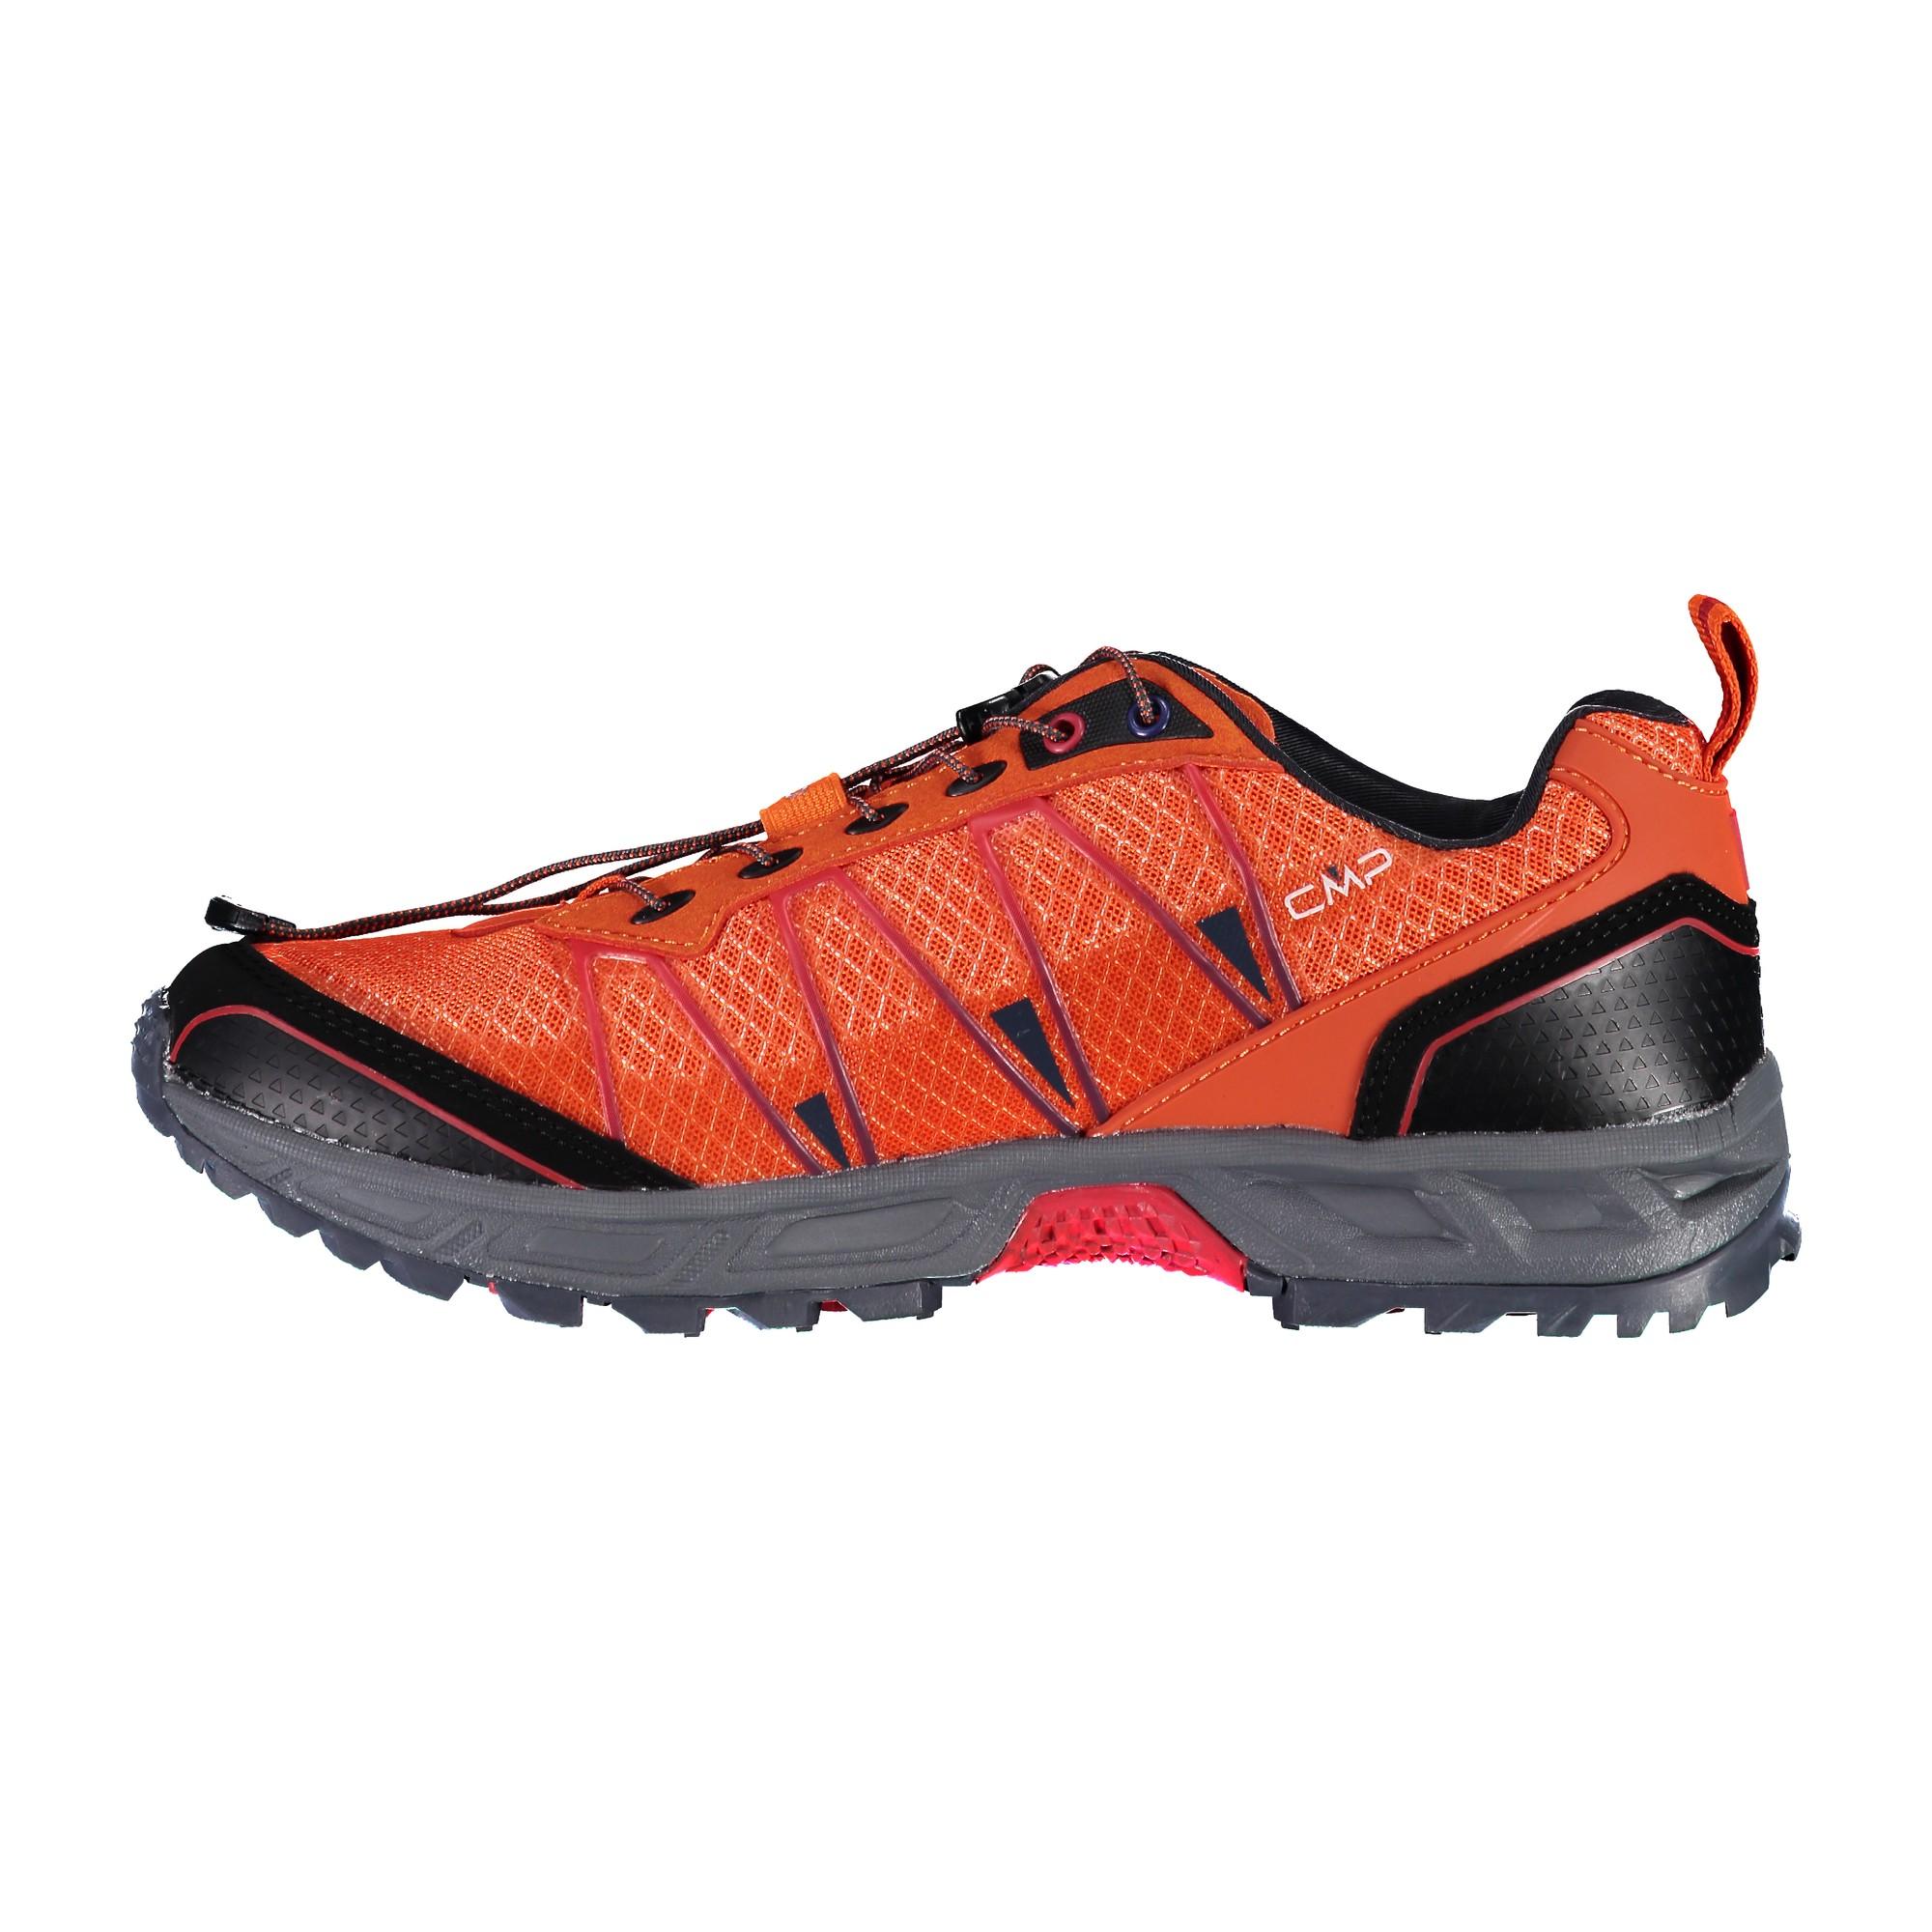 CMP señora trail running zapatos zapatillas altak elección de color